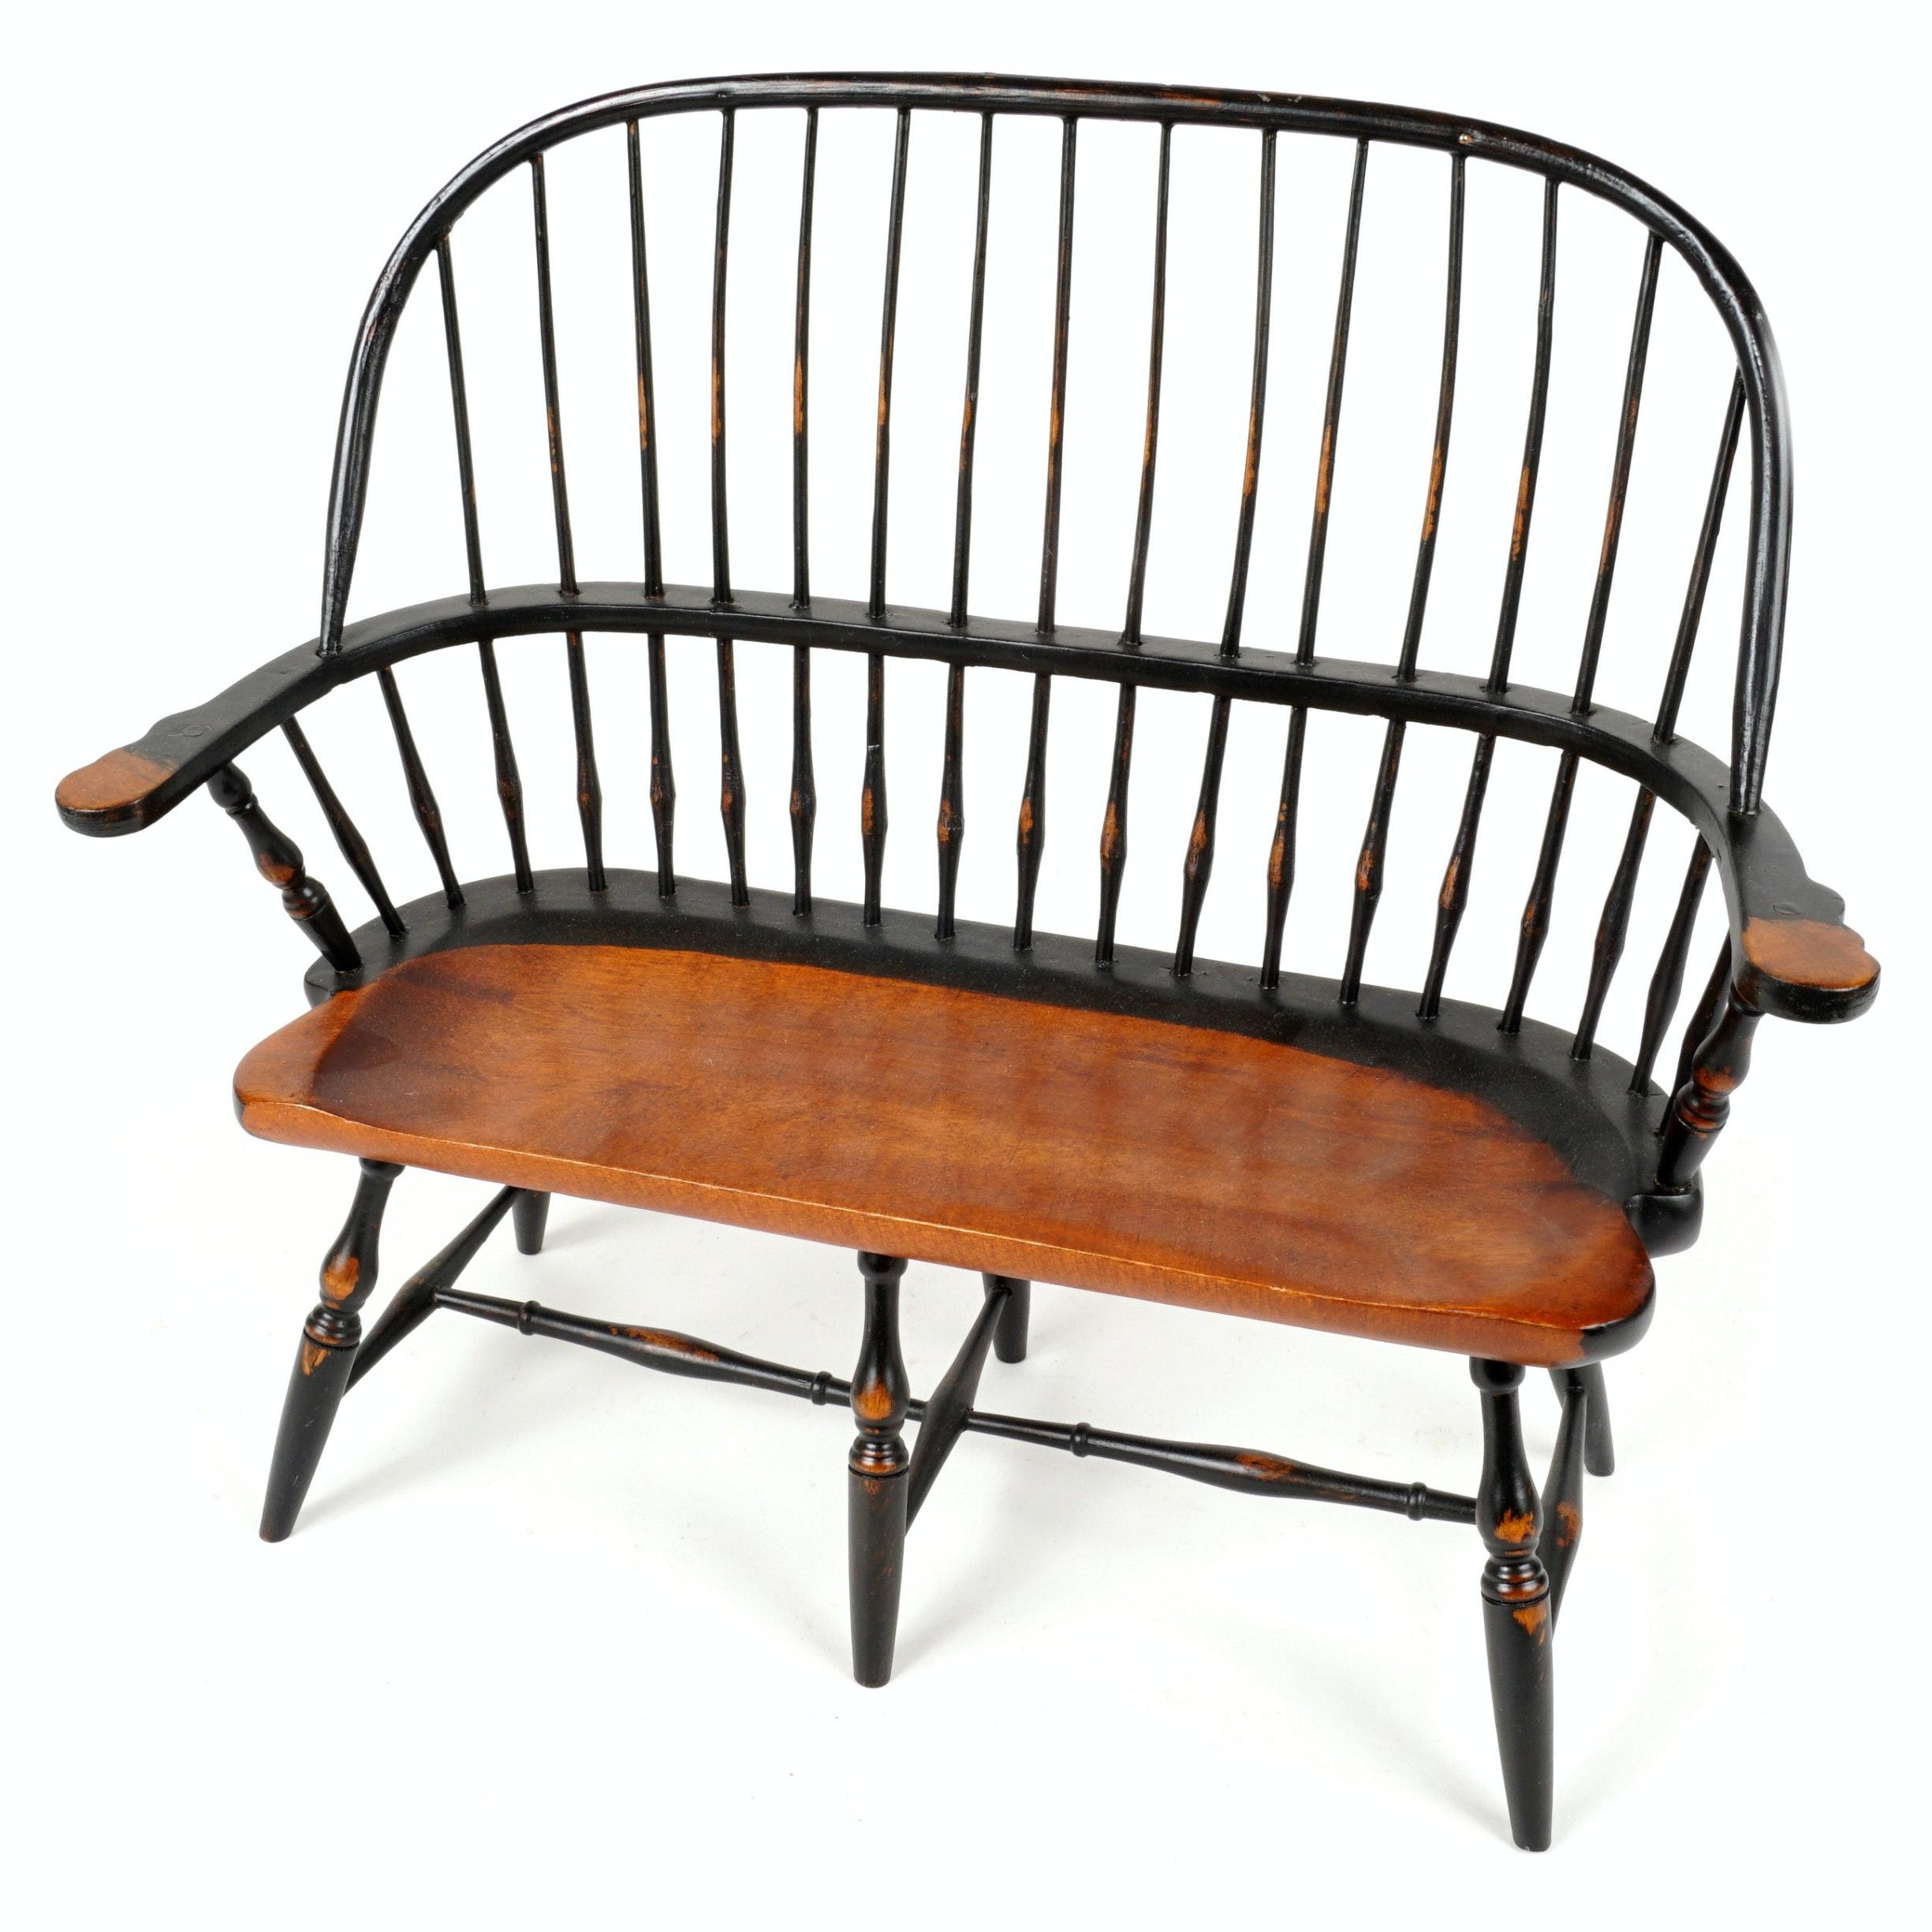 Vintage Windsor Bench